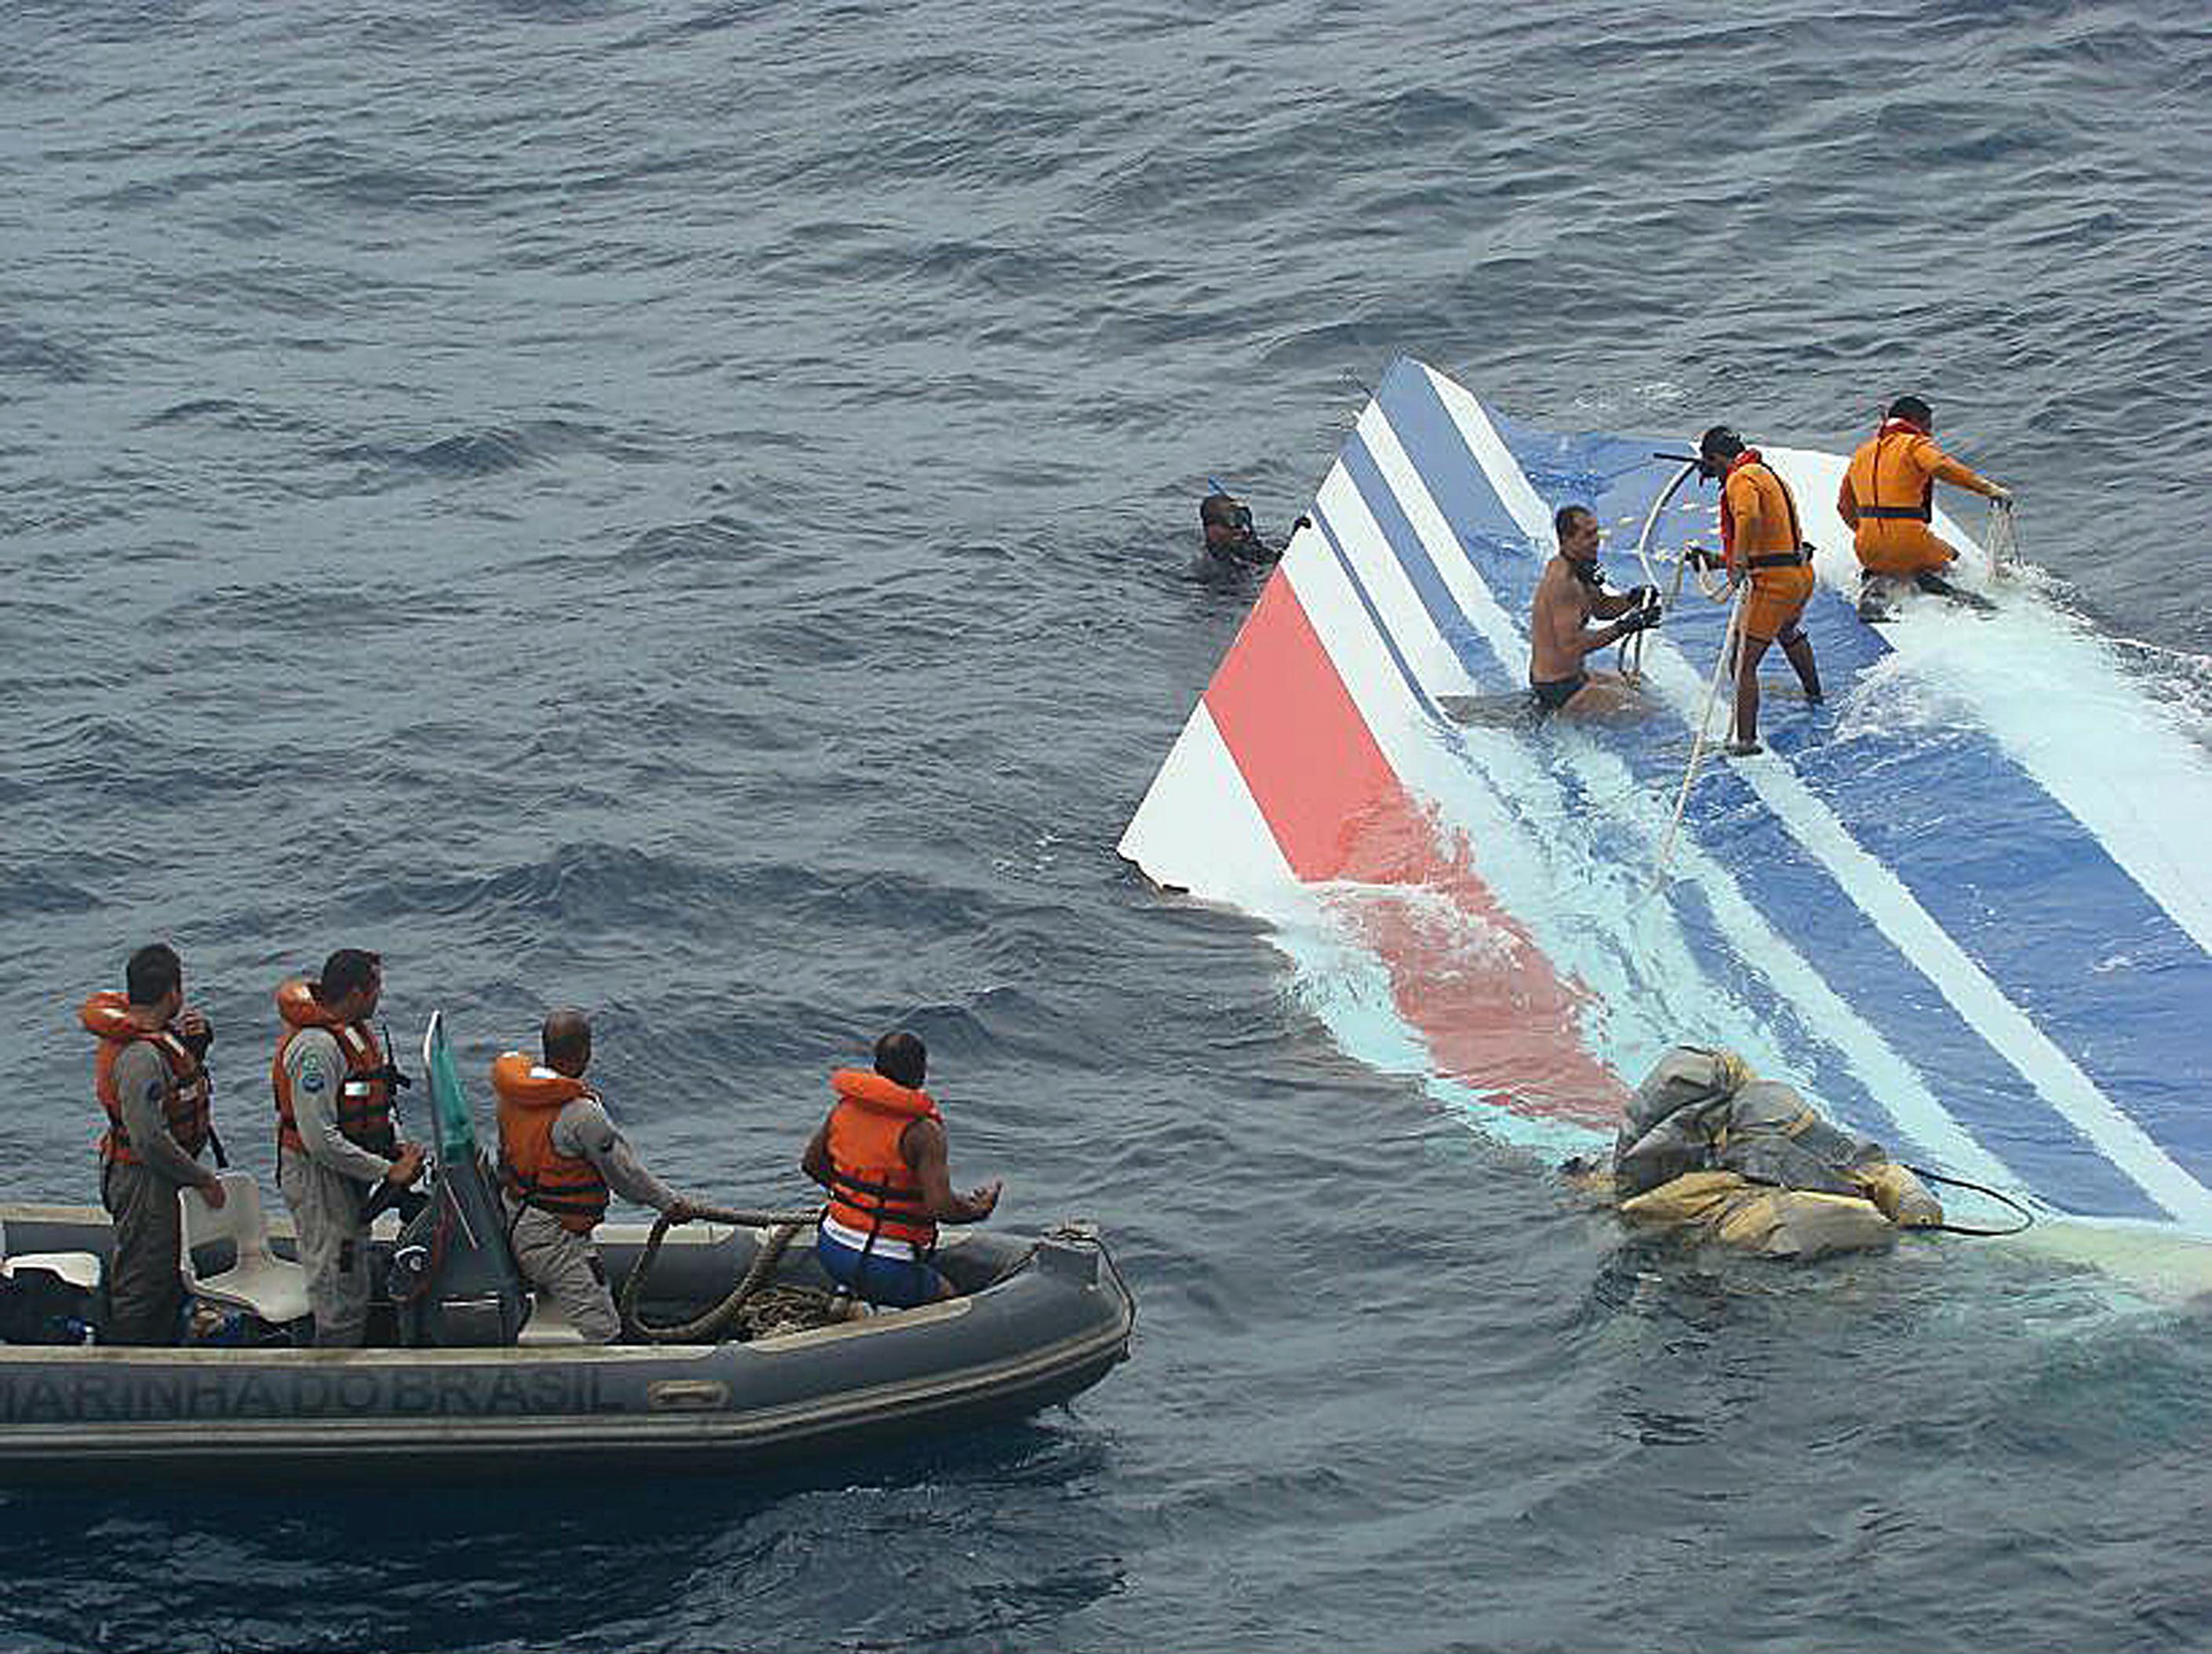 Az áldozatok rokonai szerint az Airbus évek óta tudott a Rió-Párizs járat 2009-es tragédiáját okozó műszaki hibáról